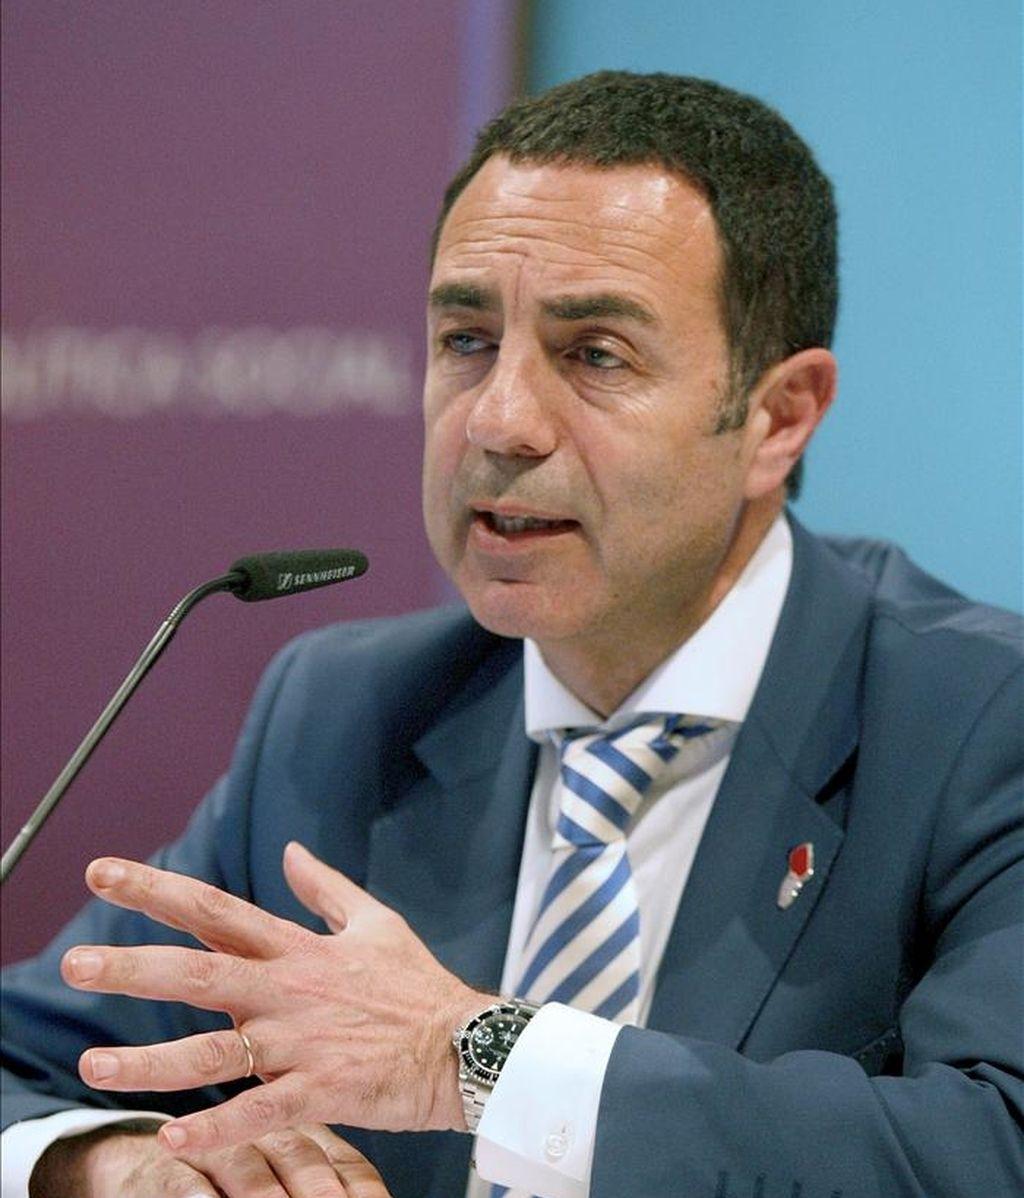 El delegado del Gobierno para la Violencia de Género, Miguel Lorente, durante la presentación de un estudio sobre la concentración de casos mortales de violencia de género entre los años 2003 y 2010, en un acto que ha tenido lugar esta tarde en Madrid. EFE